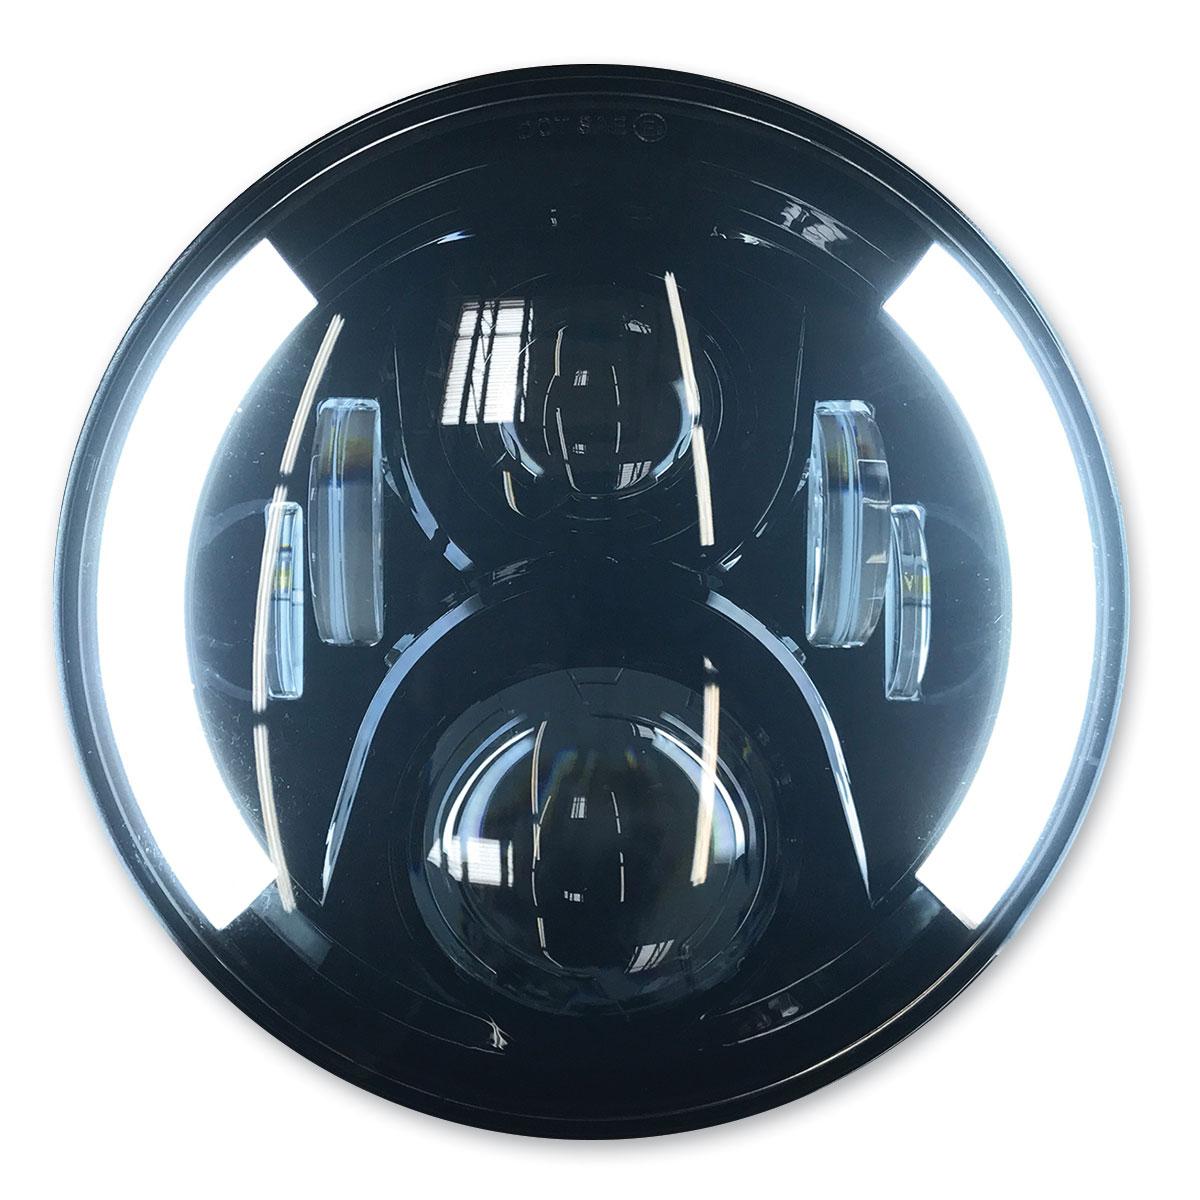 PathfinderLED 7″ Black LED Headlight